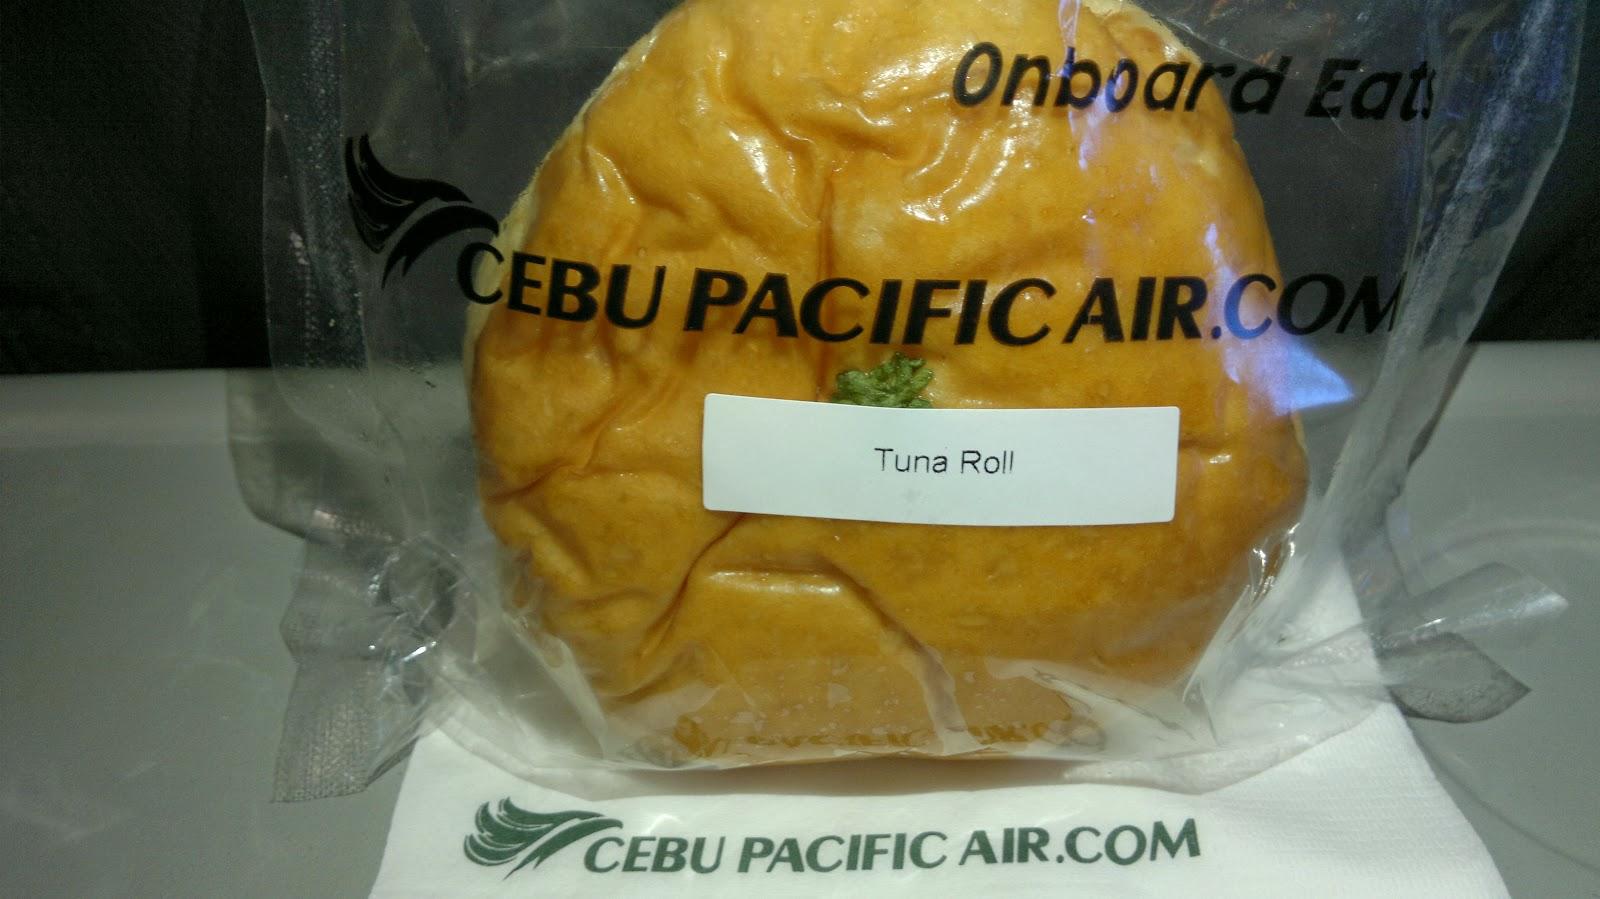 Place: Cebu Pacific Air - Tuna Bun